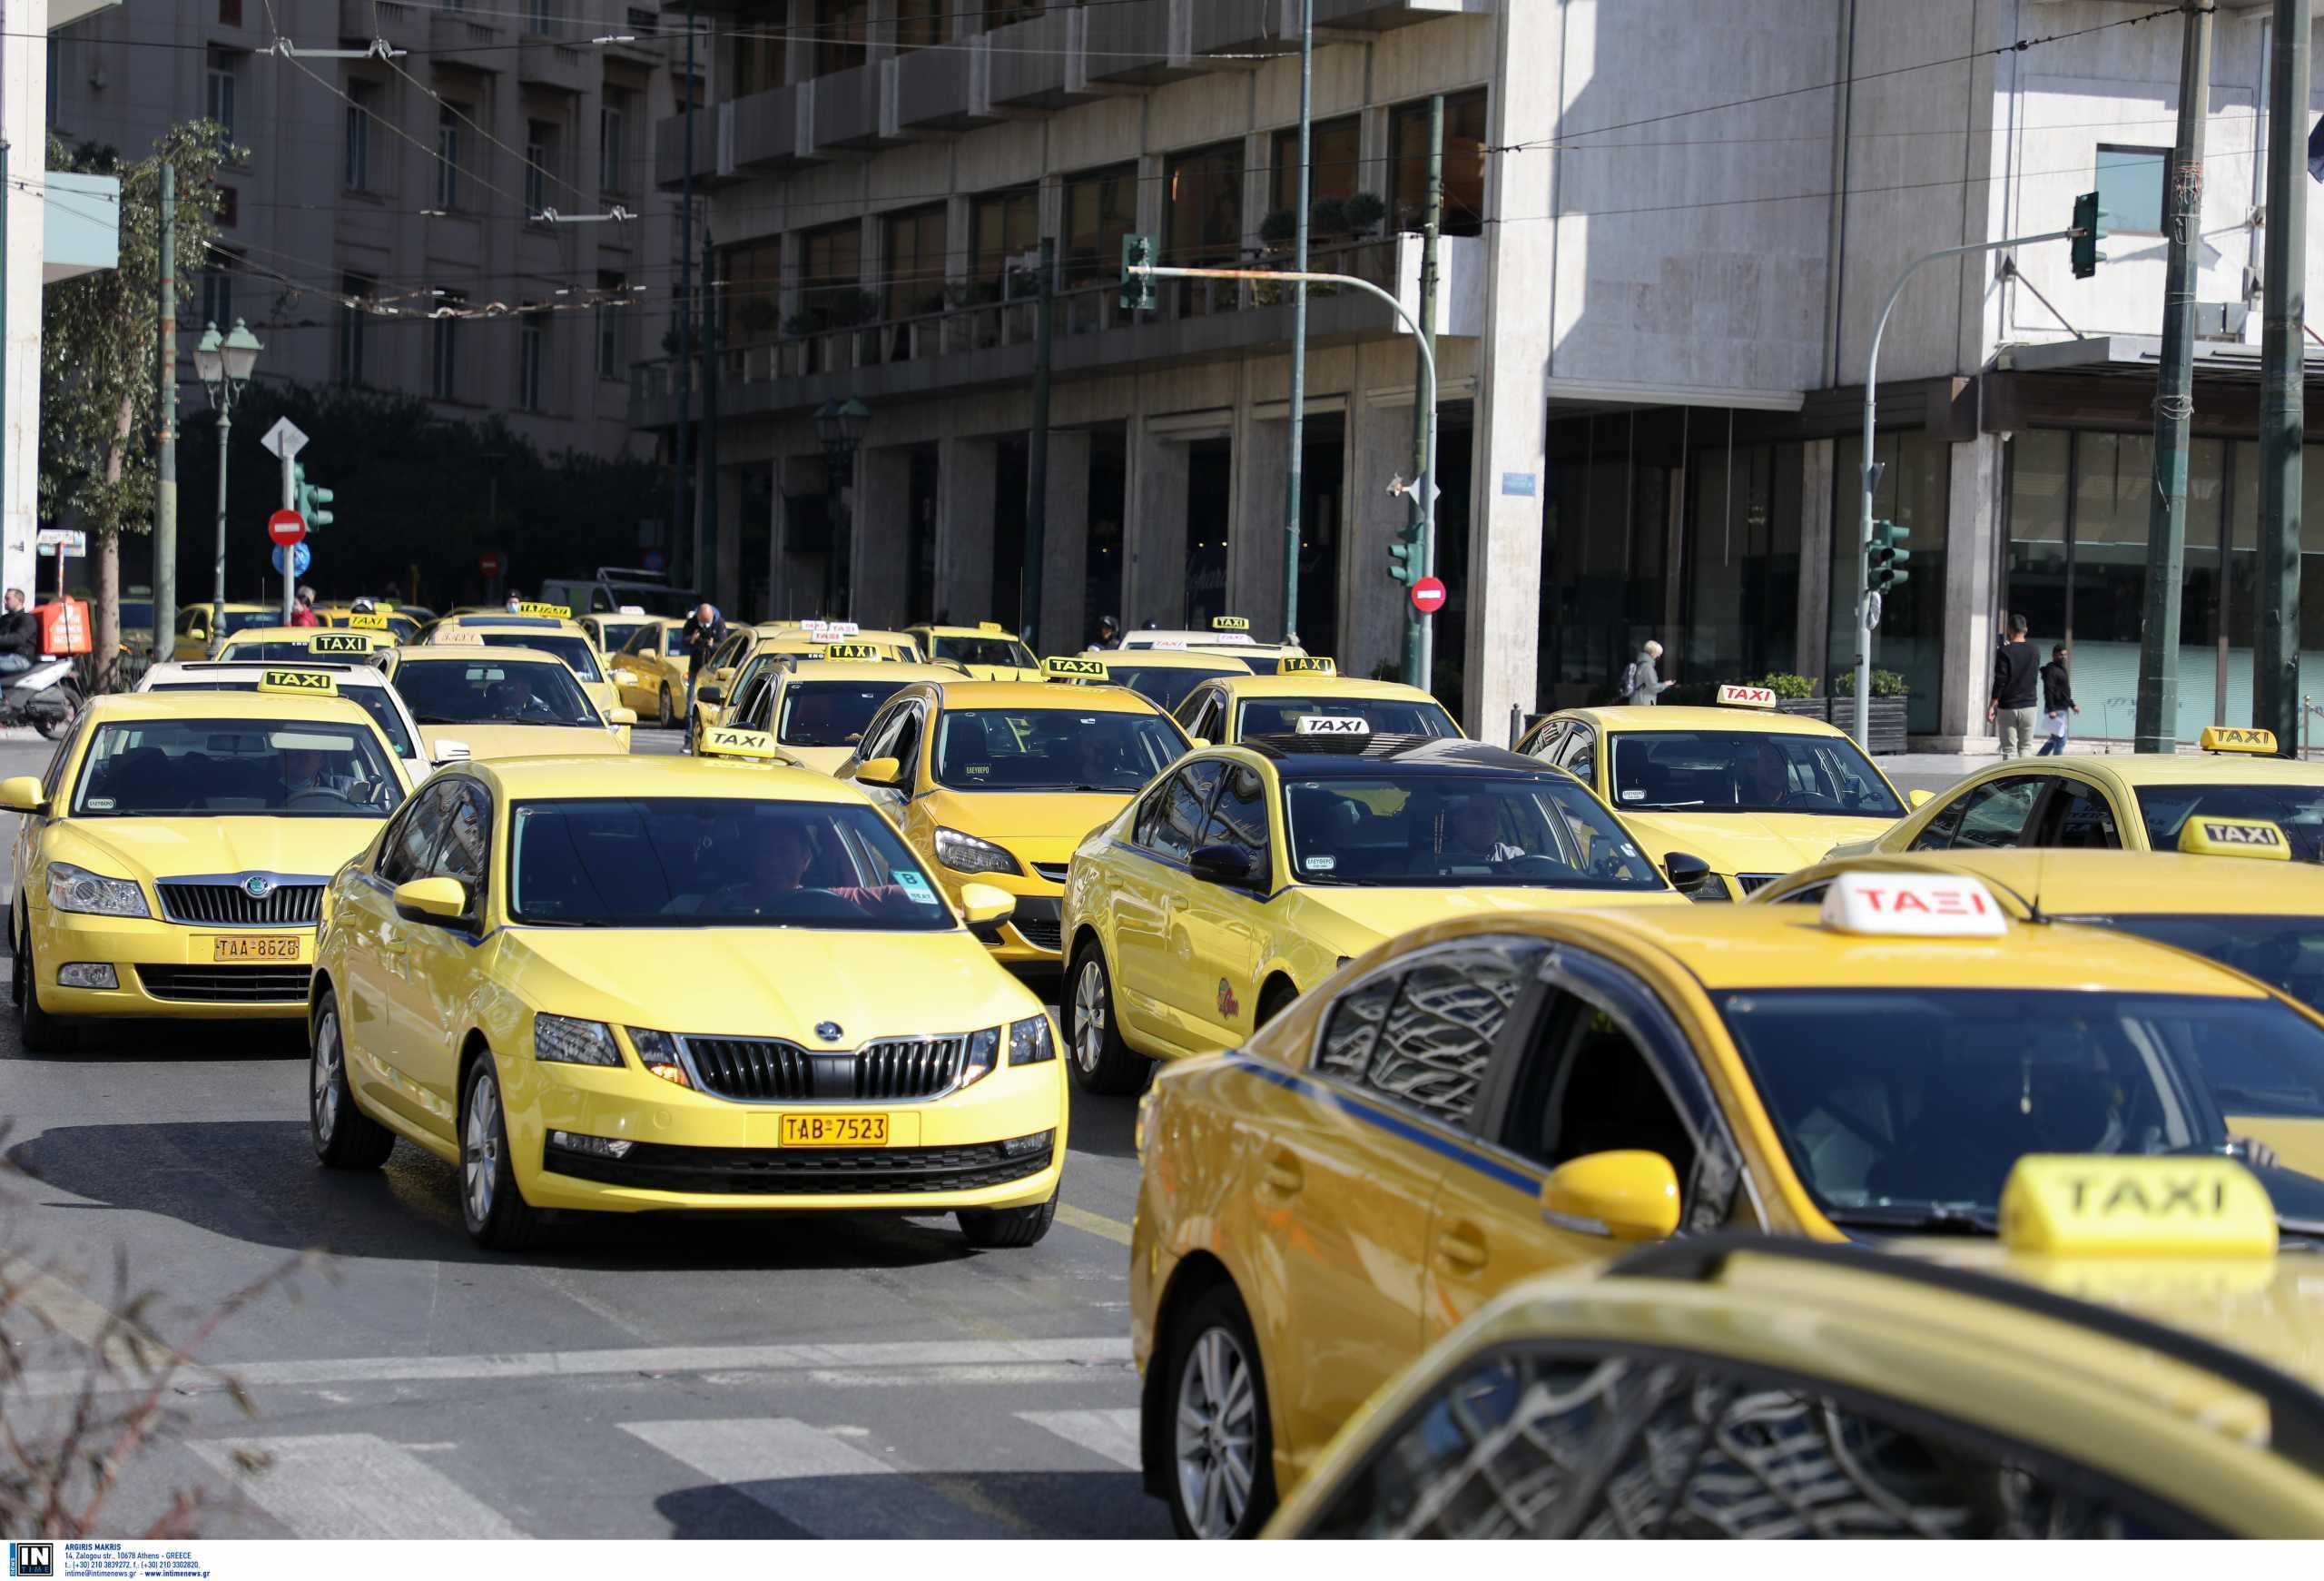 Πόσα άτομα επιτρέπονται σε ταξί και ΙΧ – Τι αλλάζει από σήμερα Δευτέρα 24/05